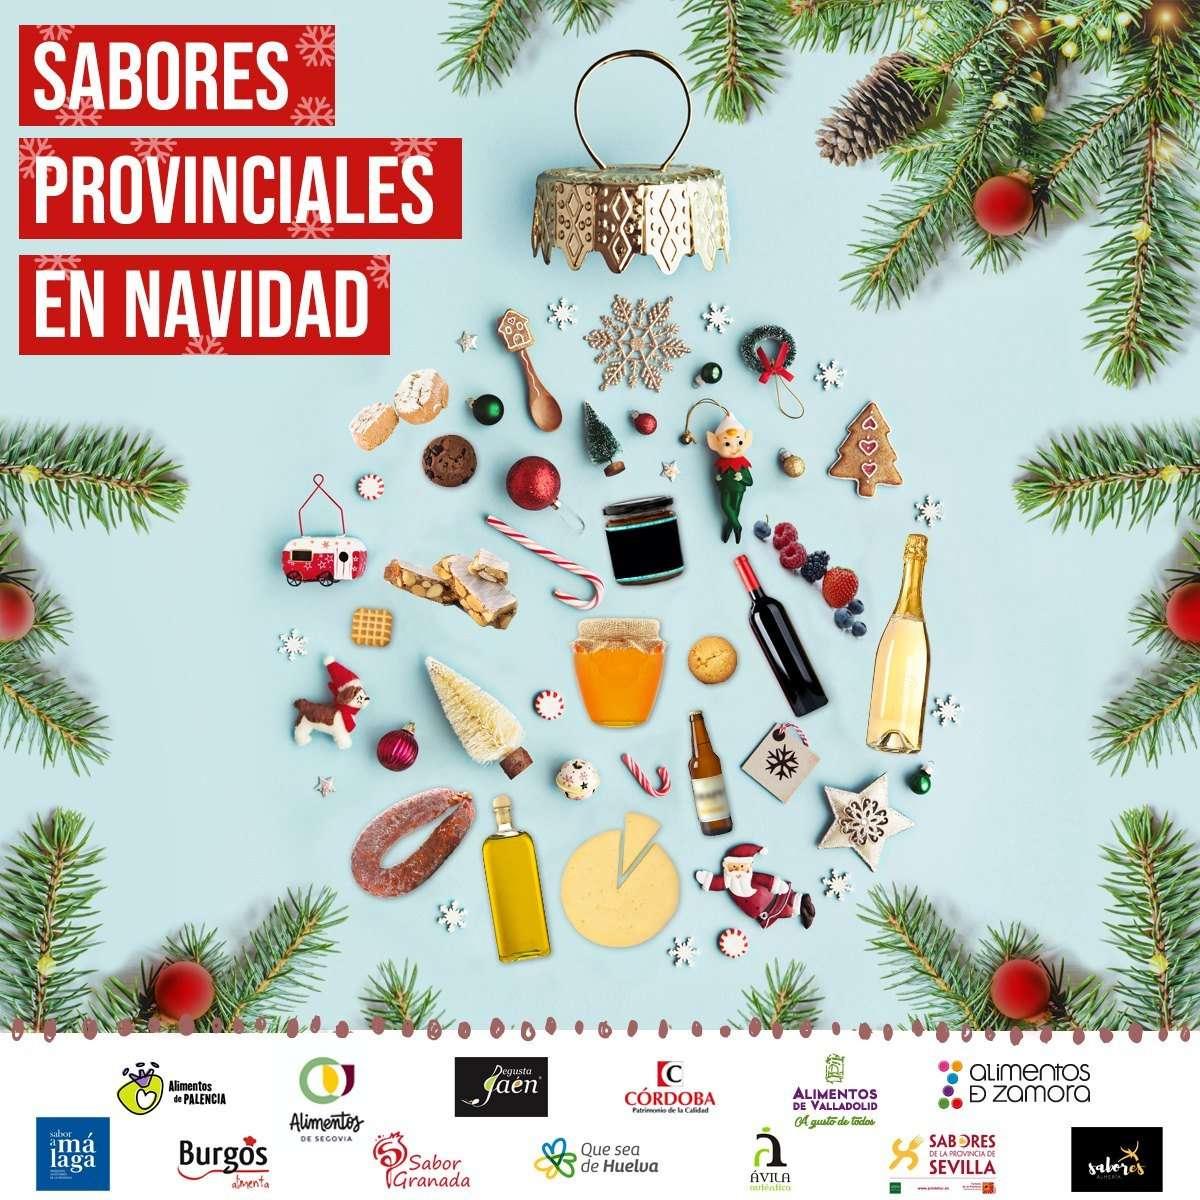 'Sabores Provinciales en Navidad' que está llevando a cabo la Diputación de Huelva junto con otras doce diputaciones de España.